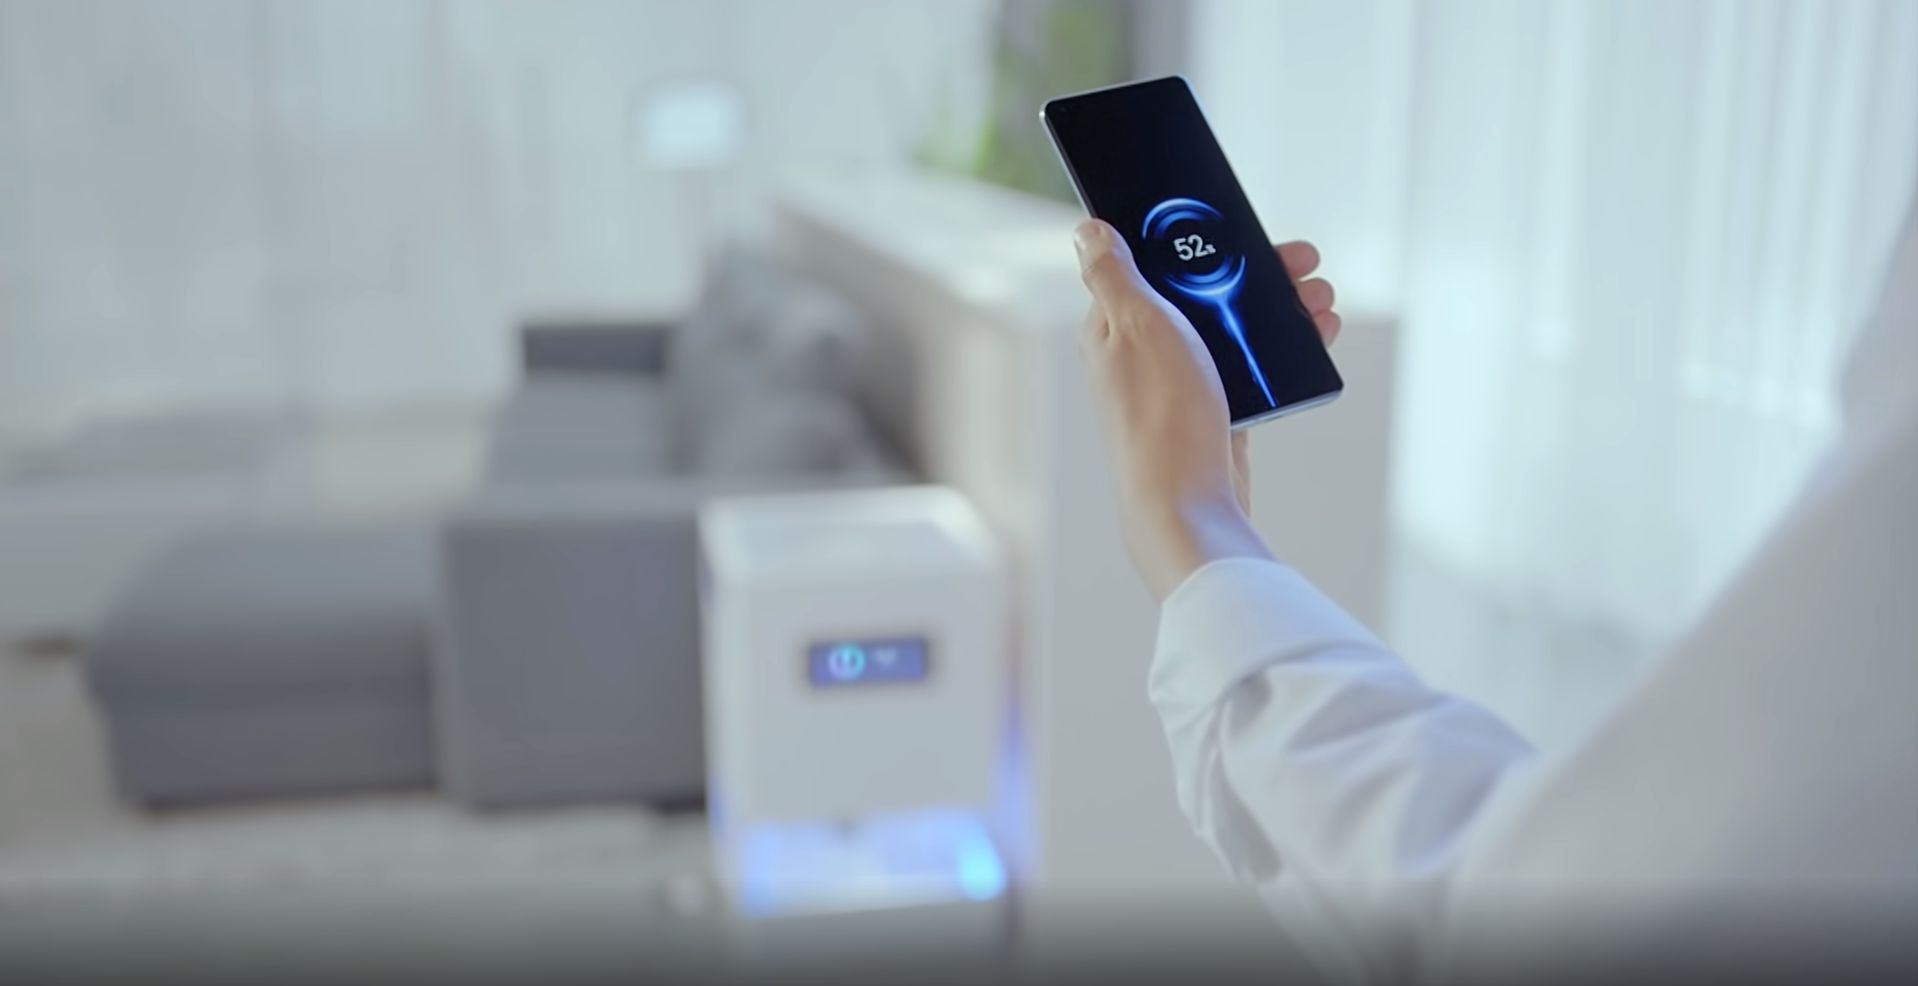 Беспроводная зарядная станция Xiaomi Mi Air Charge будет работать только с совместимыми смартфонами, у которых есть специальная приемная антенна. Сейчас в продаже таких устройств нет